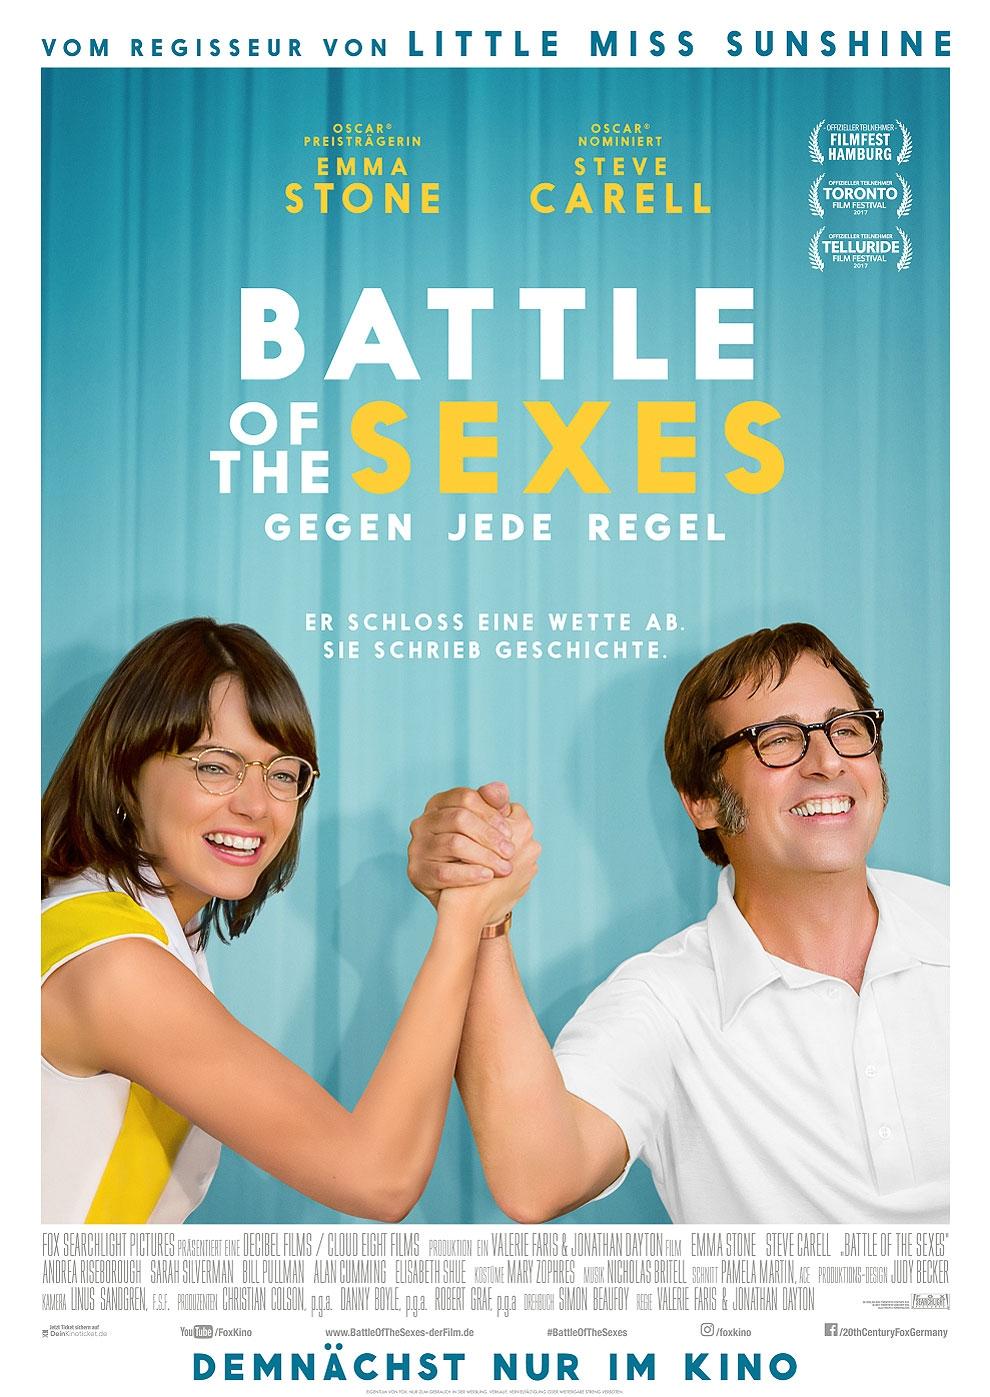 Battle of the Sexes - Gegen jede Regel (Poster)